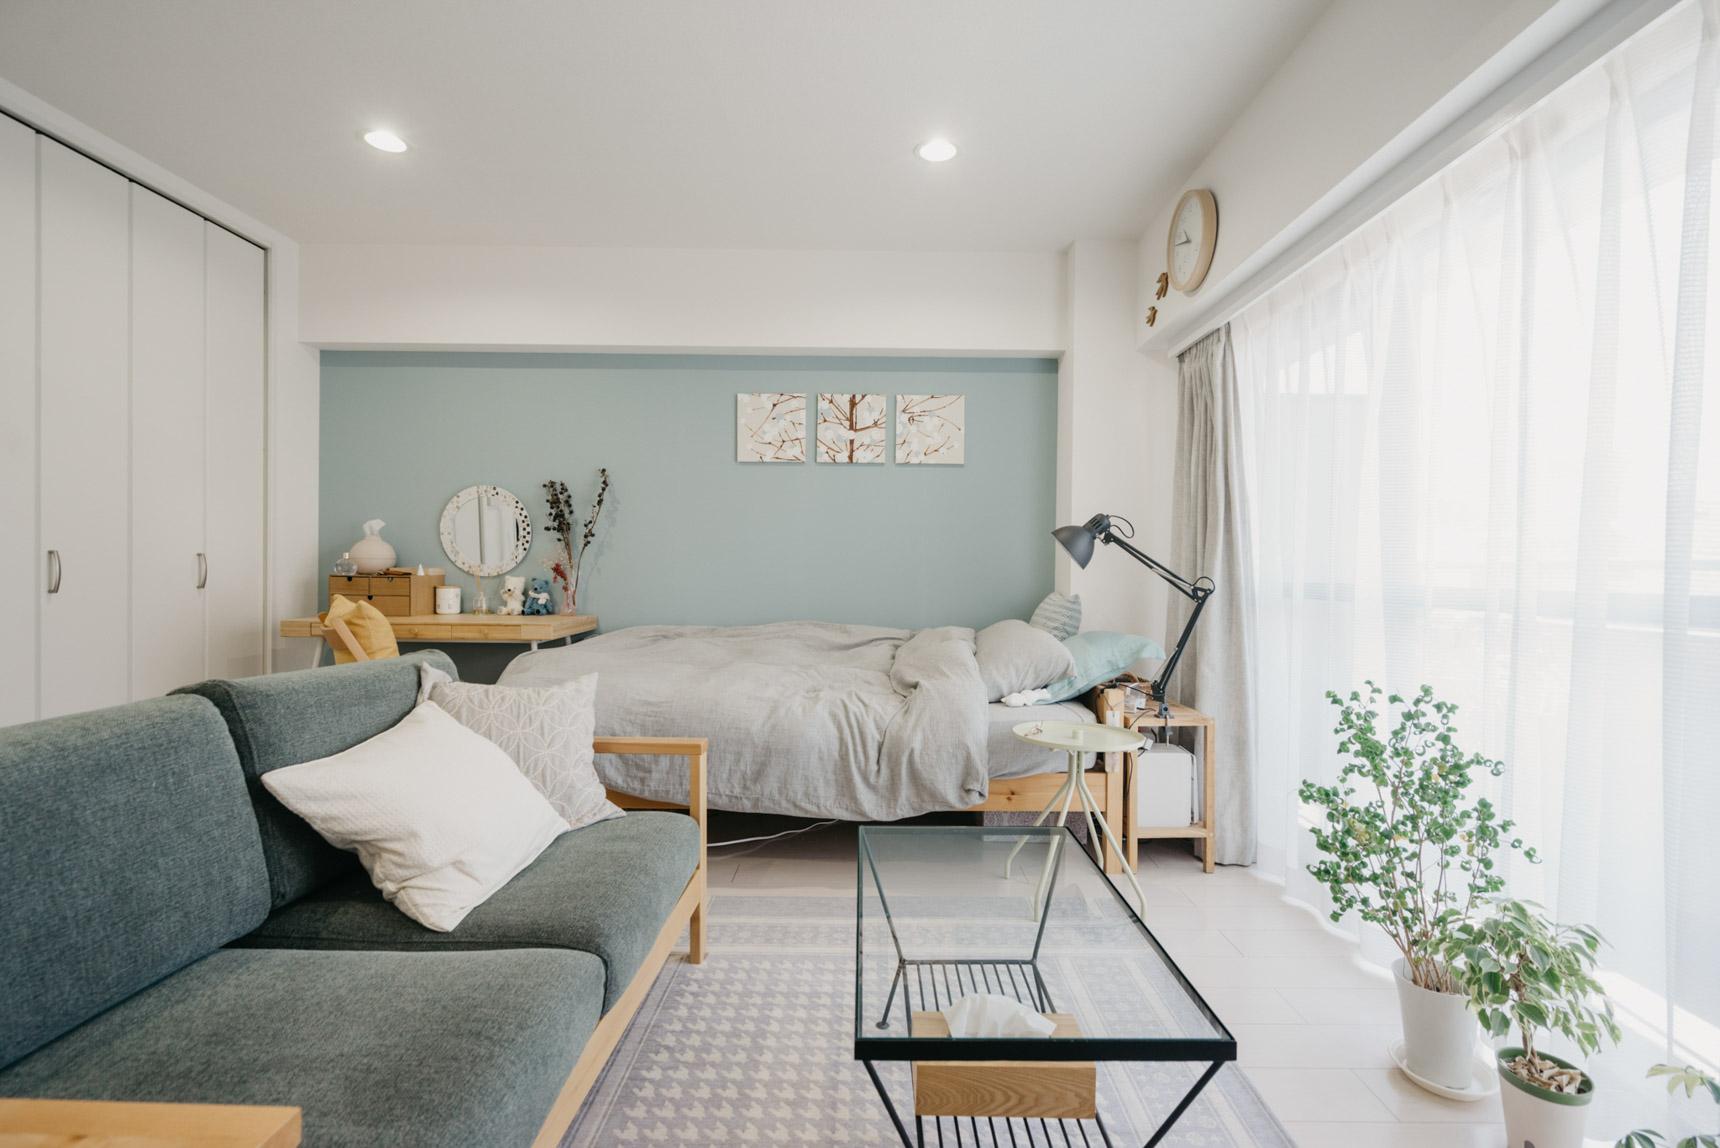 ベッドの横の壁にアクセントクロスを貼り、ファブリックパネルを飾ったお部屋(このお部屋はこちら)